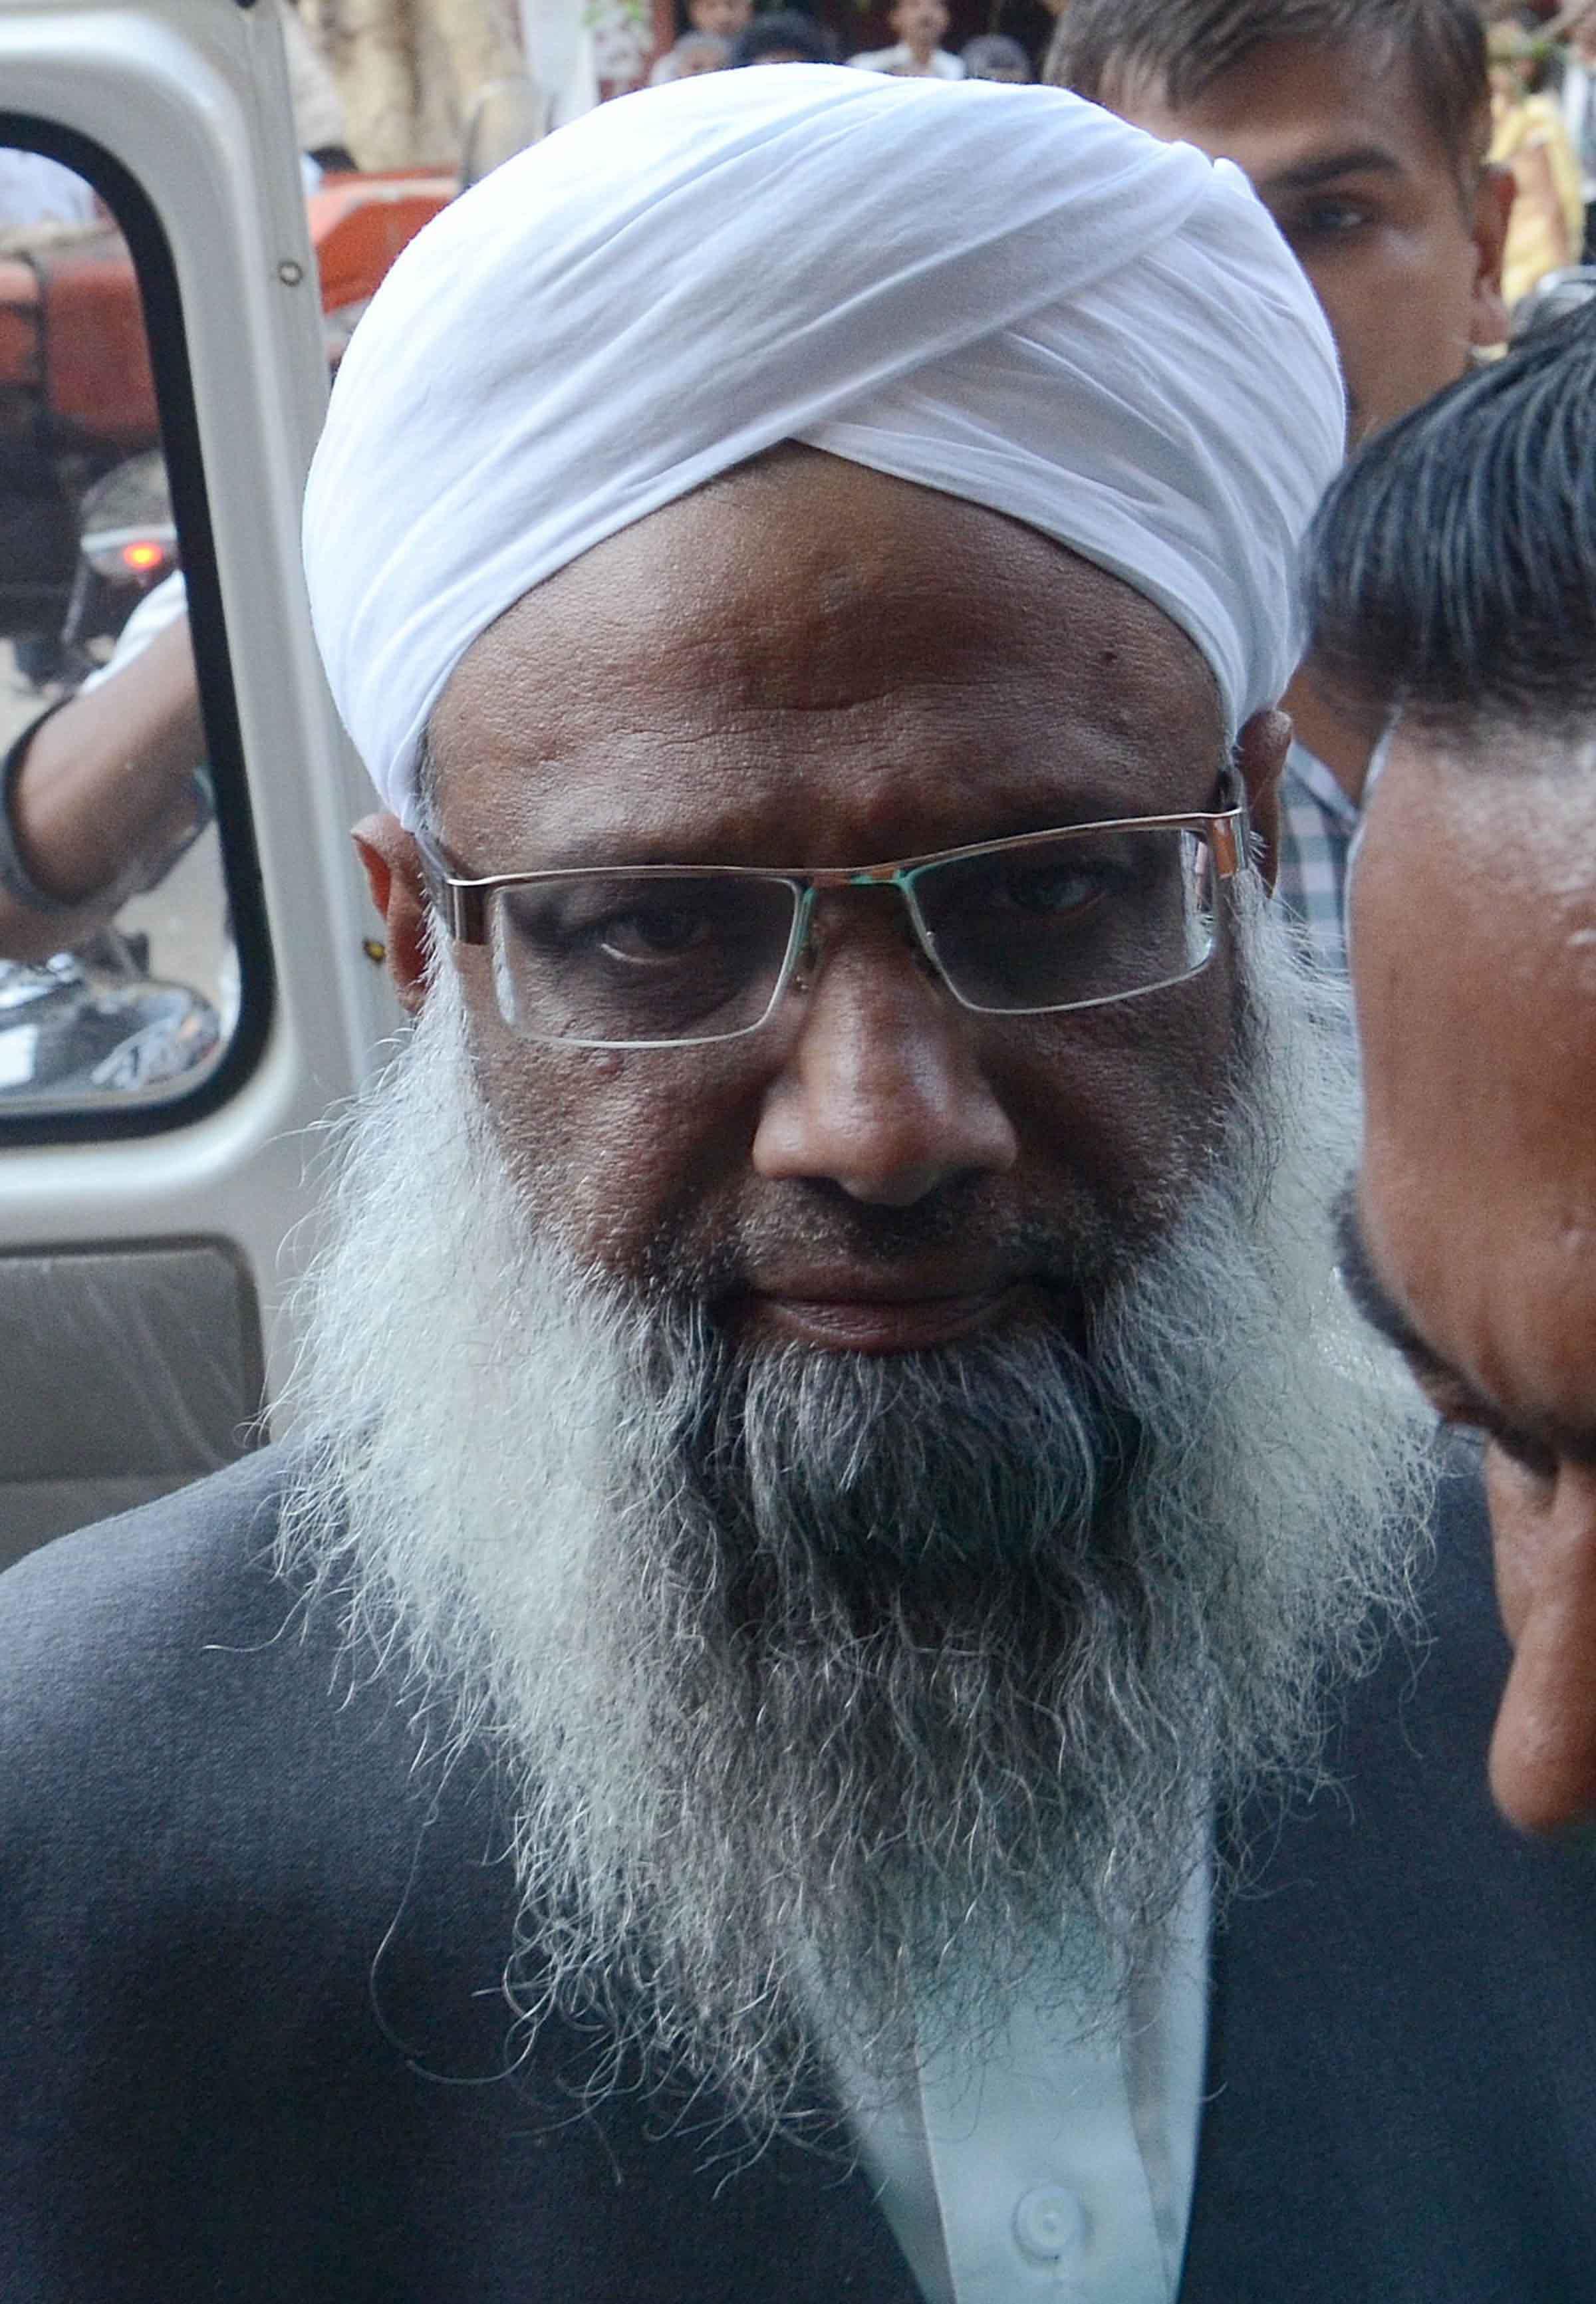 مولاناعبد القوی درخواست ضما نت نا منظور ،عدالت عالیہ سے رجو ع ہو نے کا جمعیۃ علماء کا اعلا ن